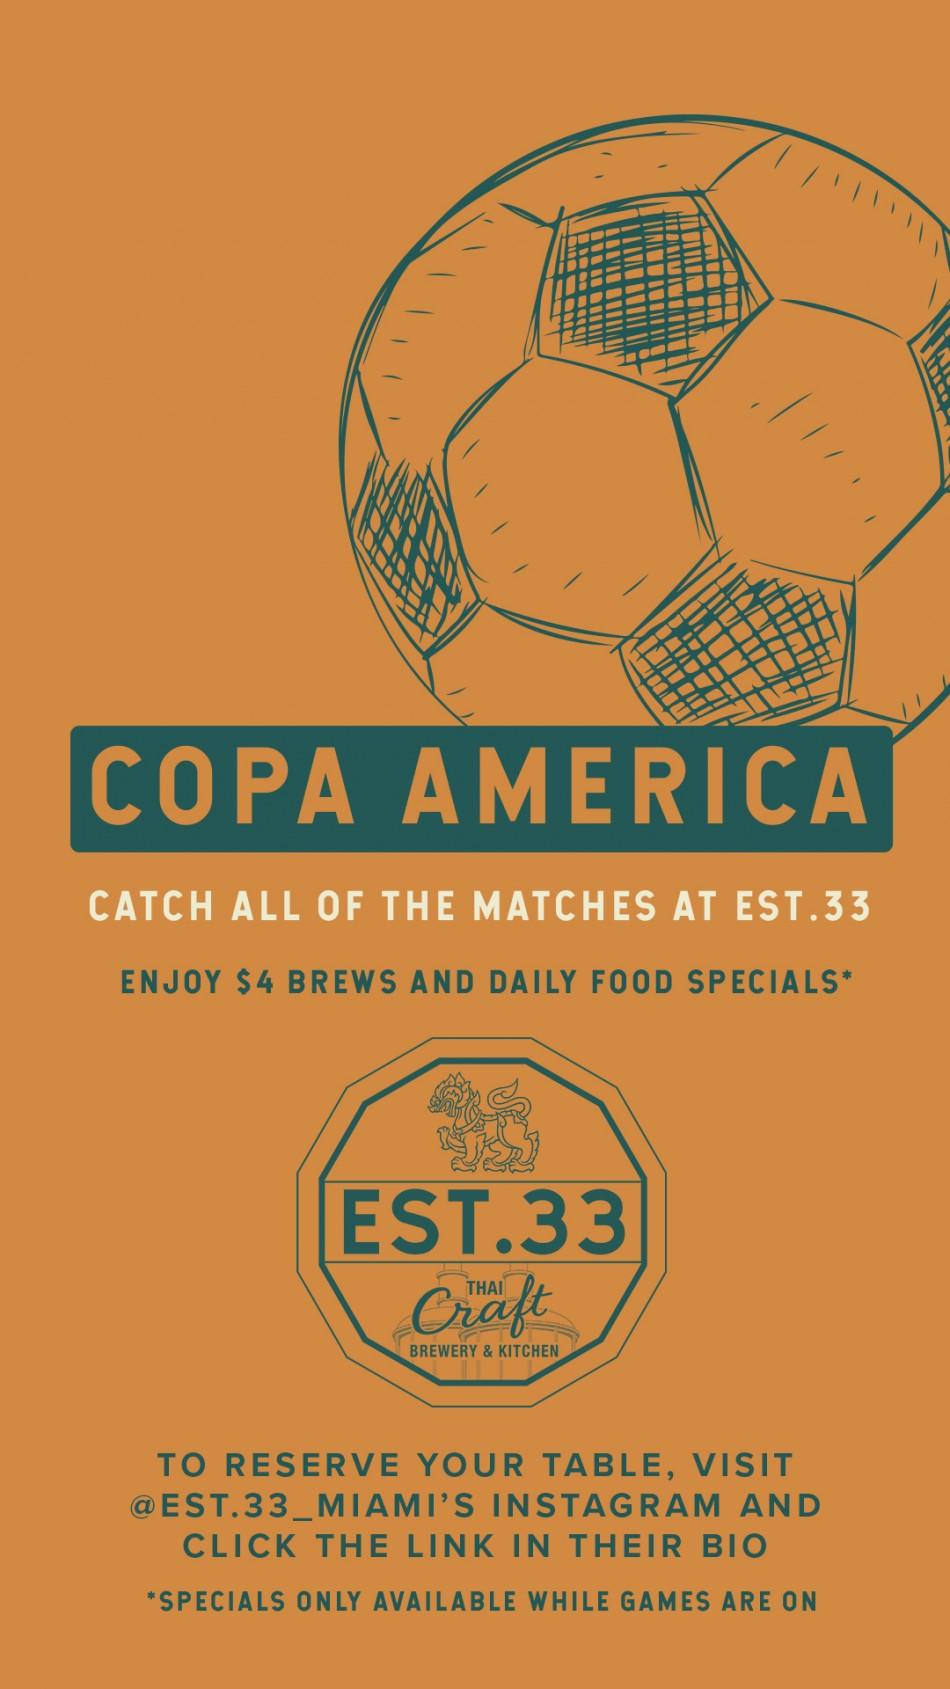 EST. 33 Thai Craft Brewery & Kitchen Hosts Copa América 2021 Watch Party